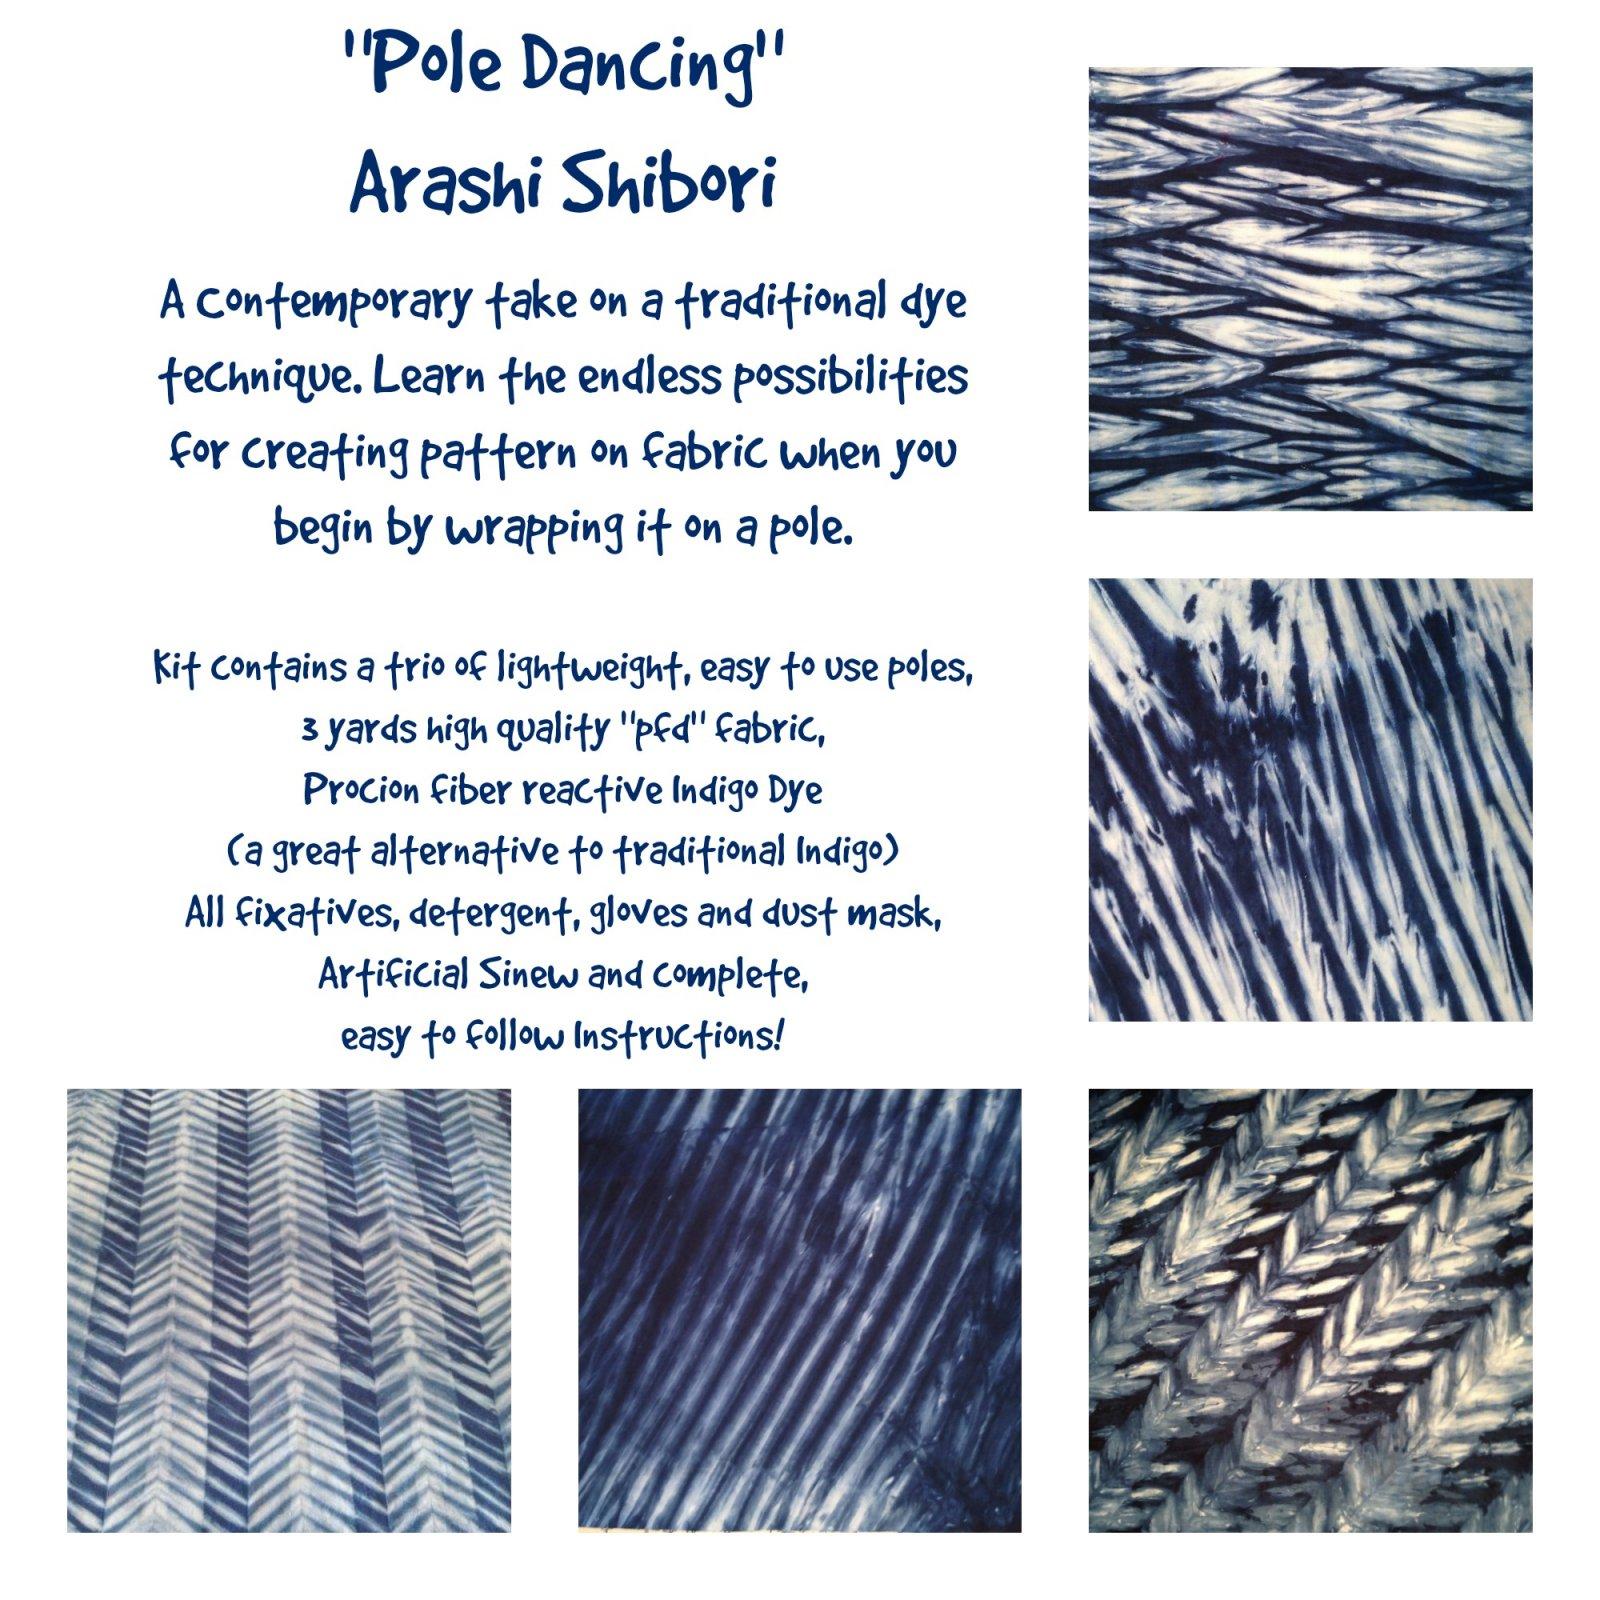 Pole Dancing - Exploring Arashi Shibori